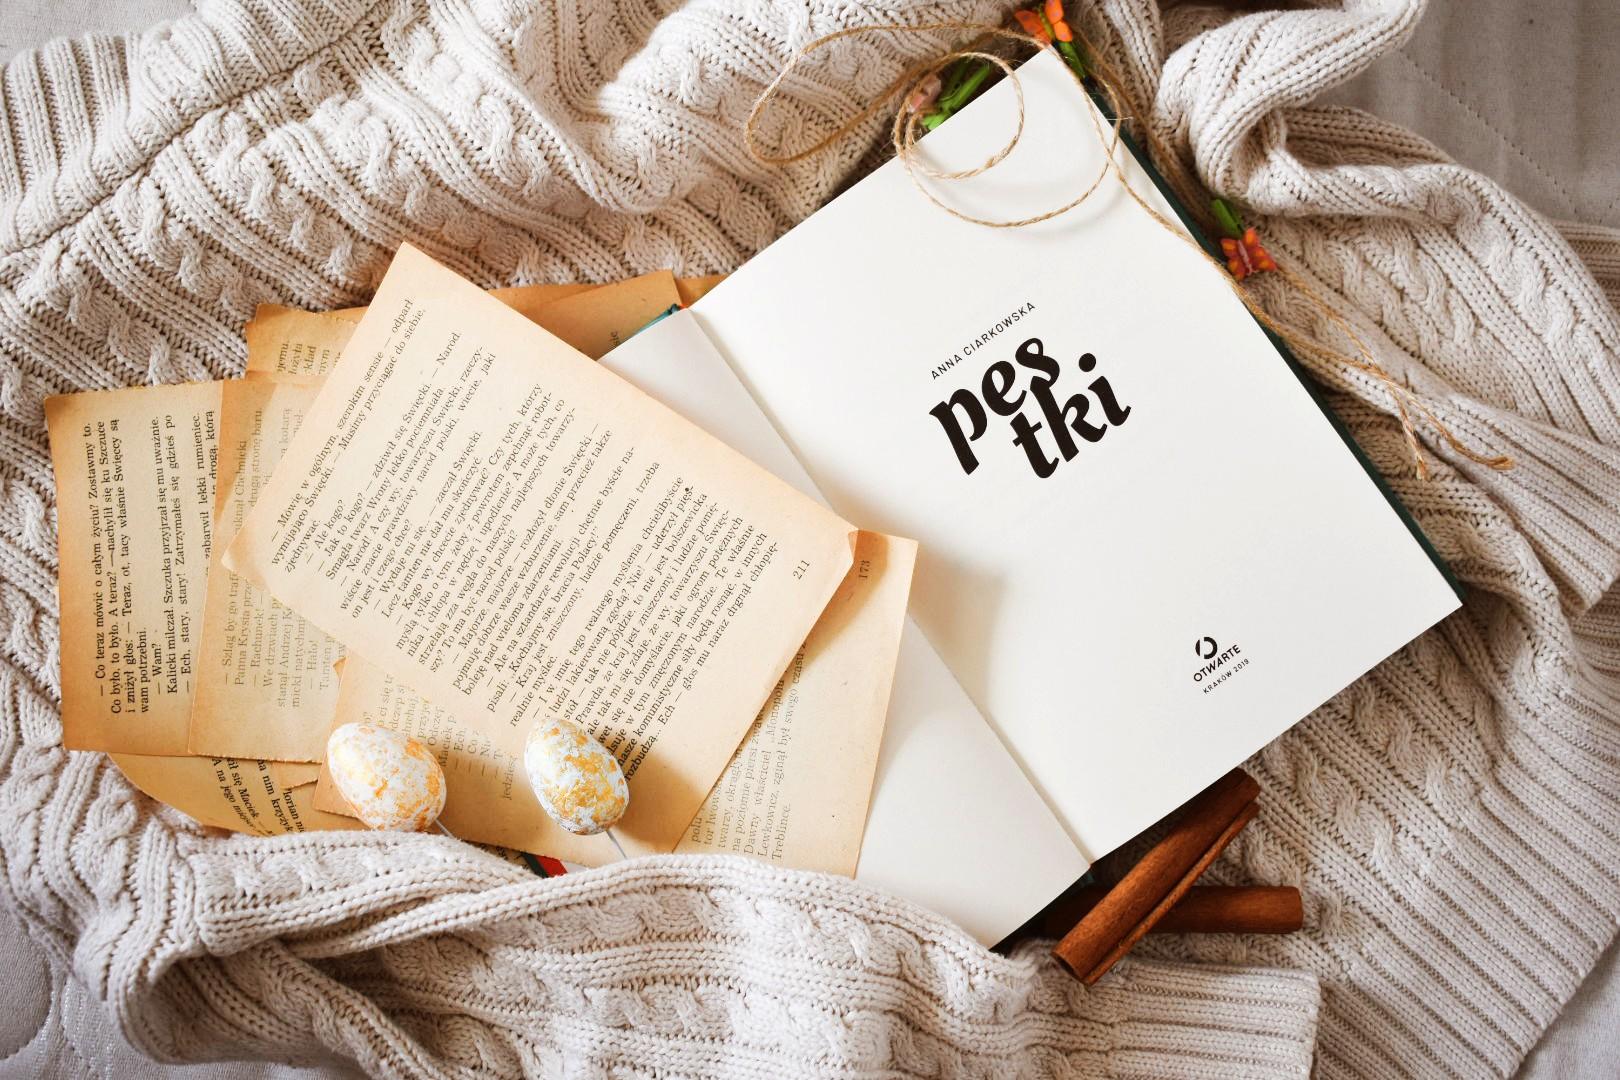 Pestki_książka